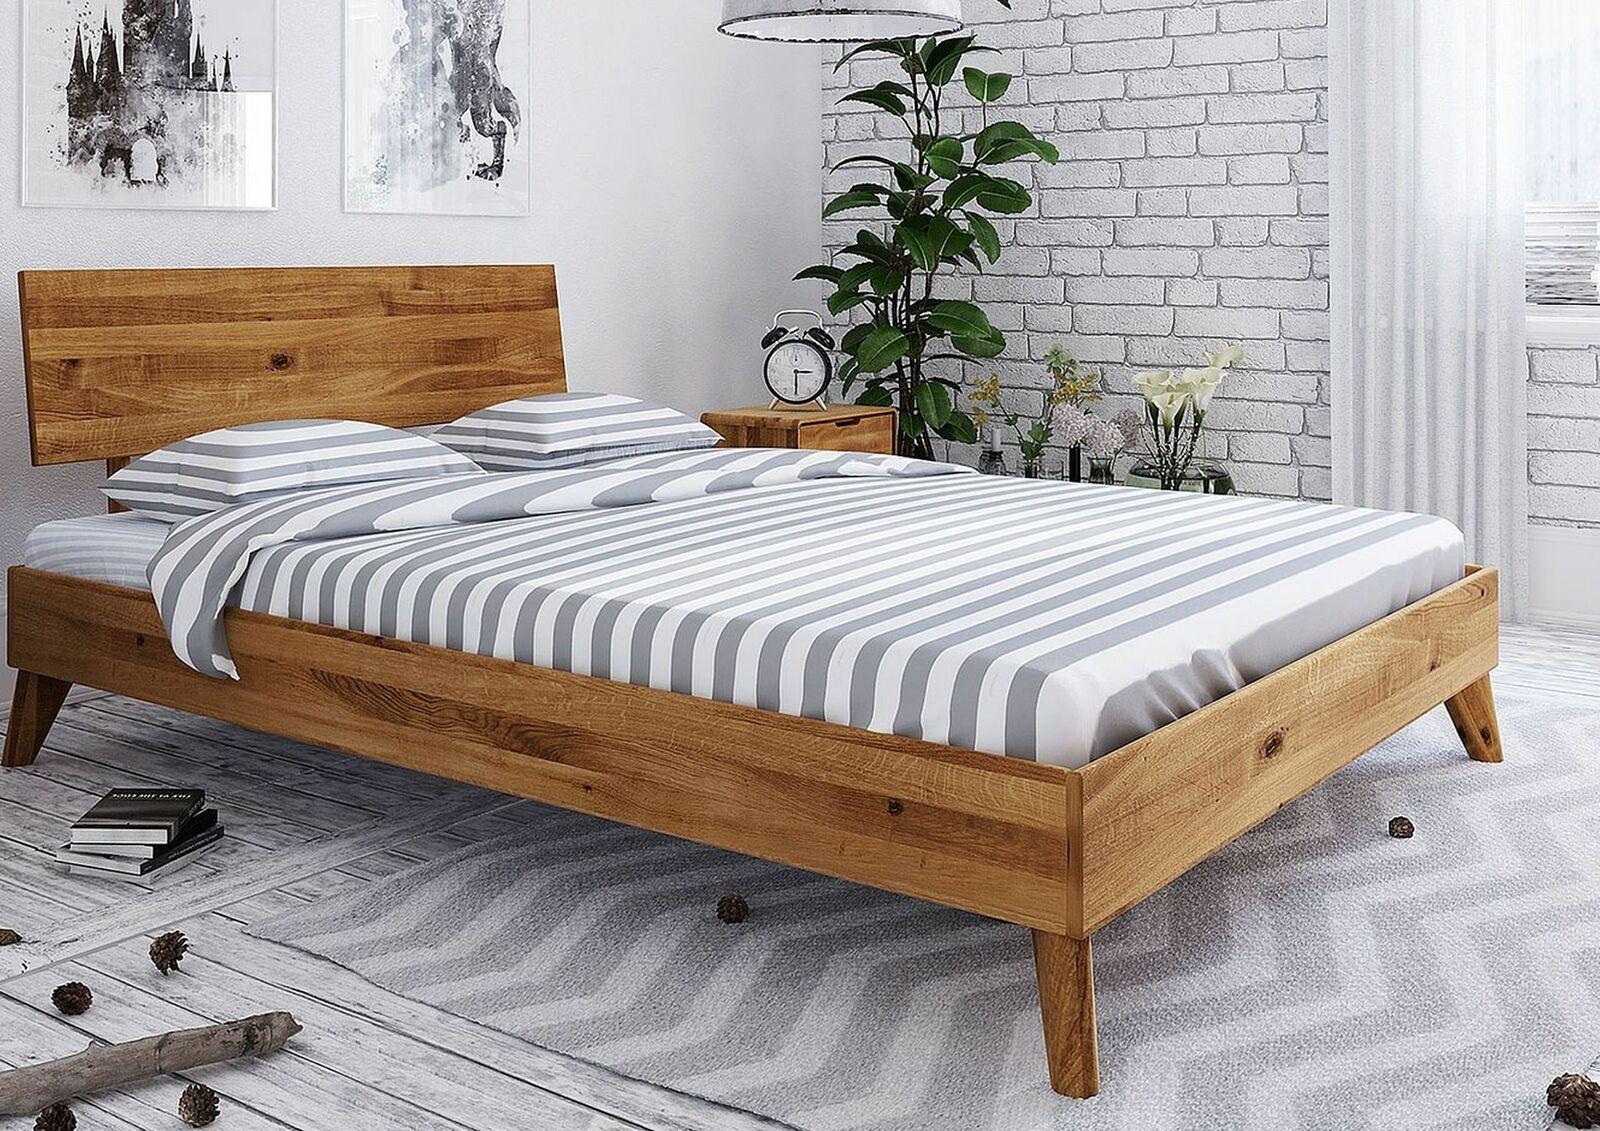 Full Size of Pappbett Ikea Miniküche Küche Kosten Kaufen Betten Bei Sofa Mit Schlaffunktion Modulküche 160x200 Wohnzimmer Pappbett Ikea